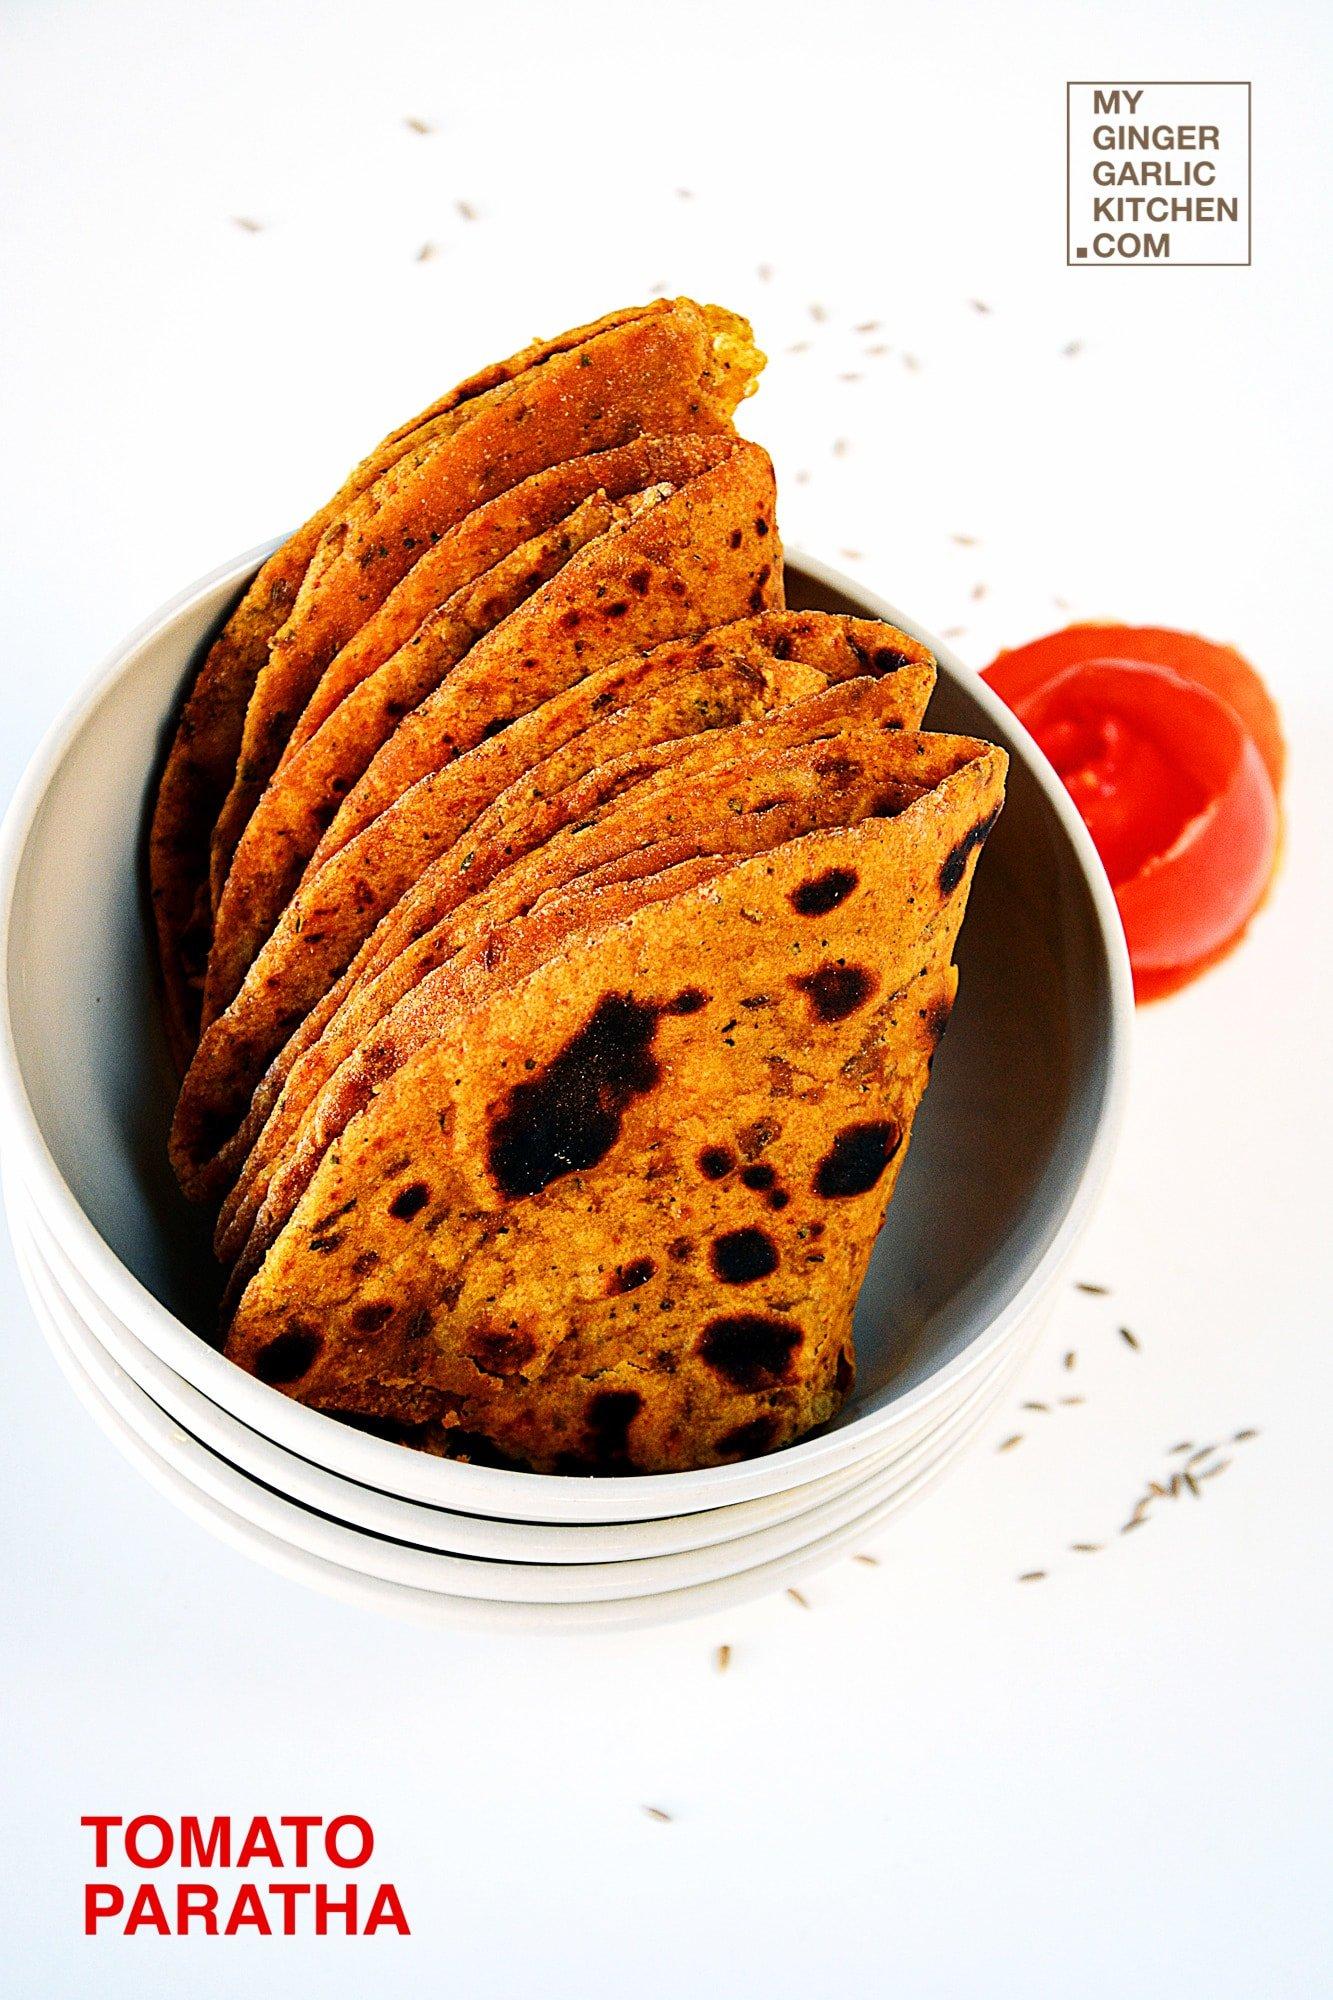 Image of Tomato Paratha – Tomato Flatbread - Tamatar Ka Paratha